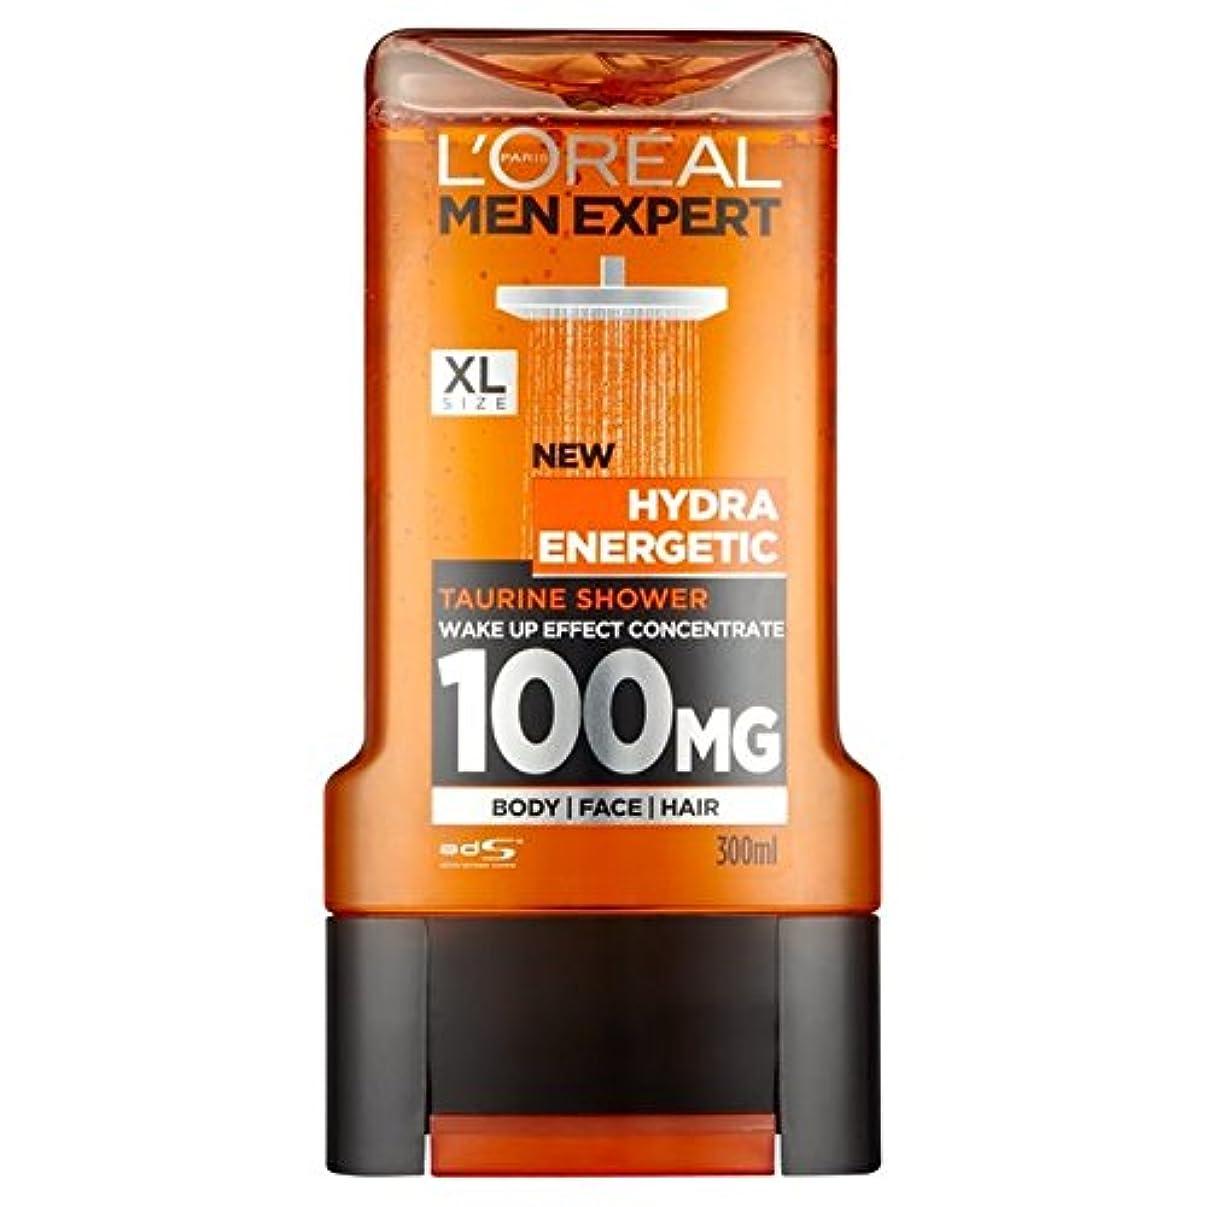 受け取る深さ結核ロレアルパリのメンズ専門家ヒドラエネルギッシュなシャワージェル300ミリリットル x2 - L'Oreal Paris Men Expert Hydra Energetic Shower Gel 300ml (Pack...